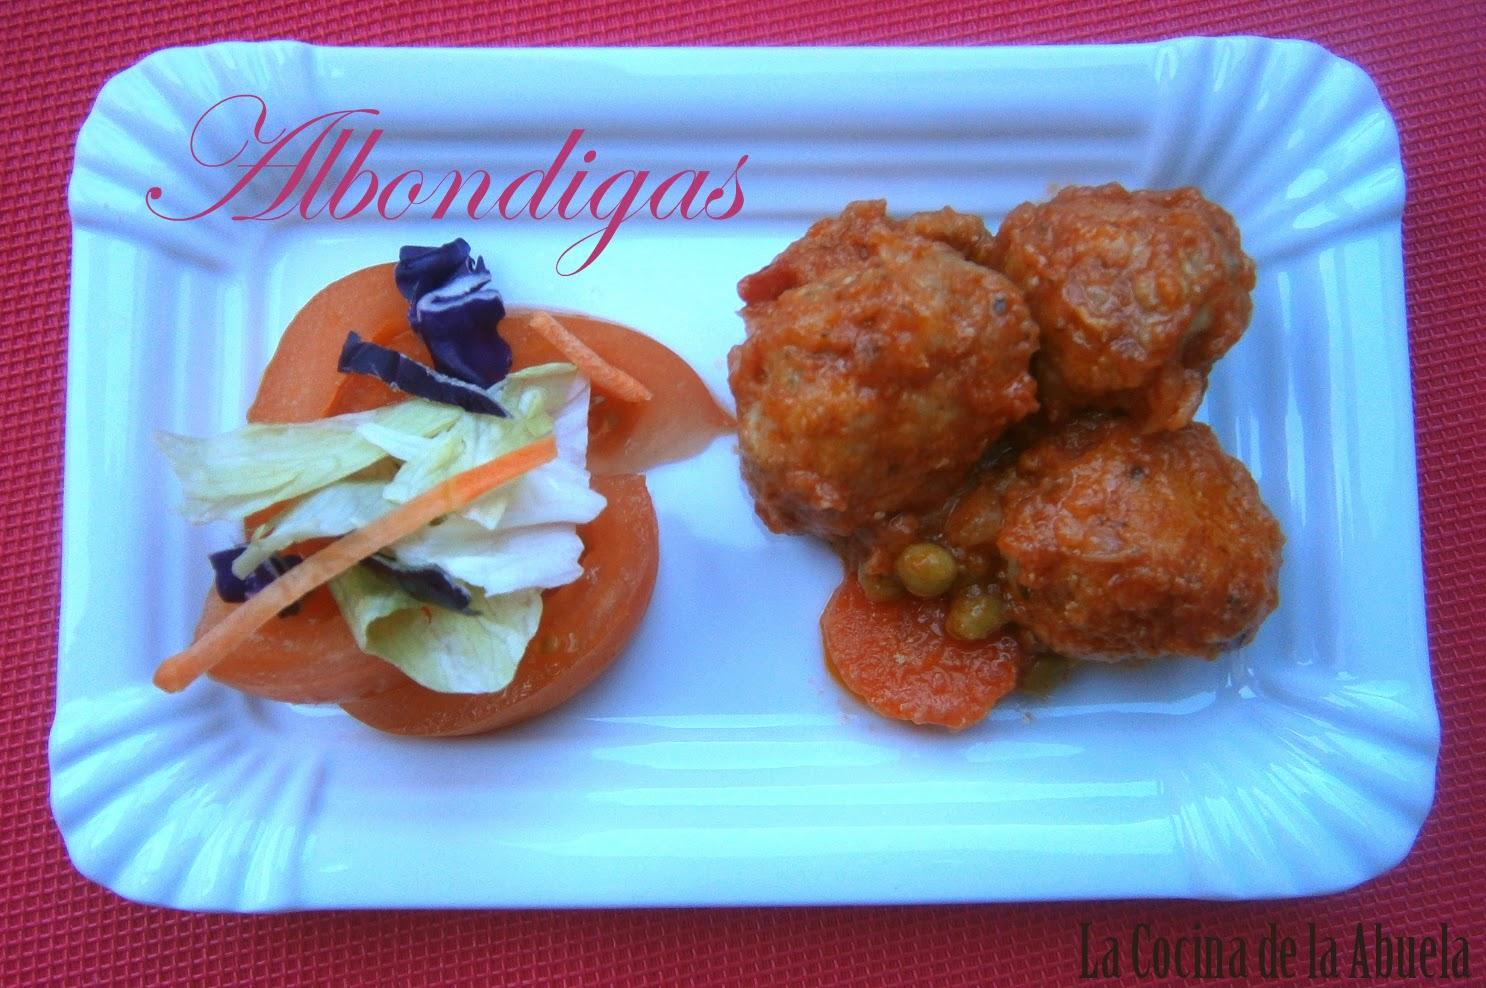 Alb ndigas tradicionales la cocina de la abuela - Albondigas tradicionales ...